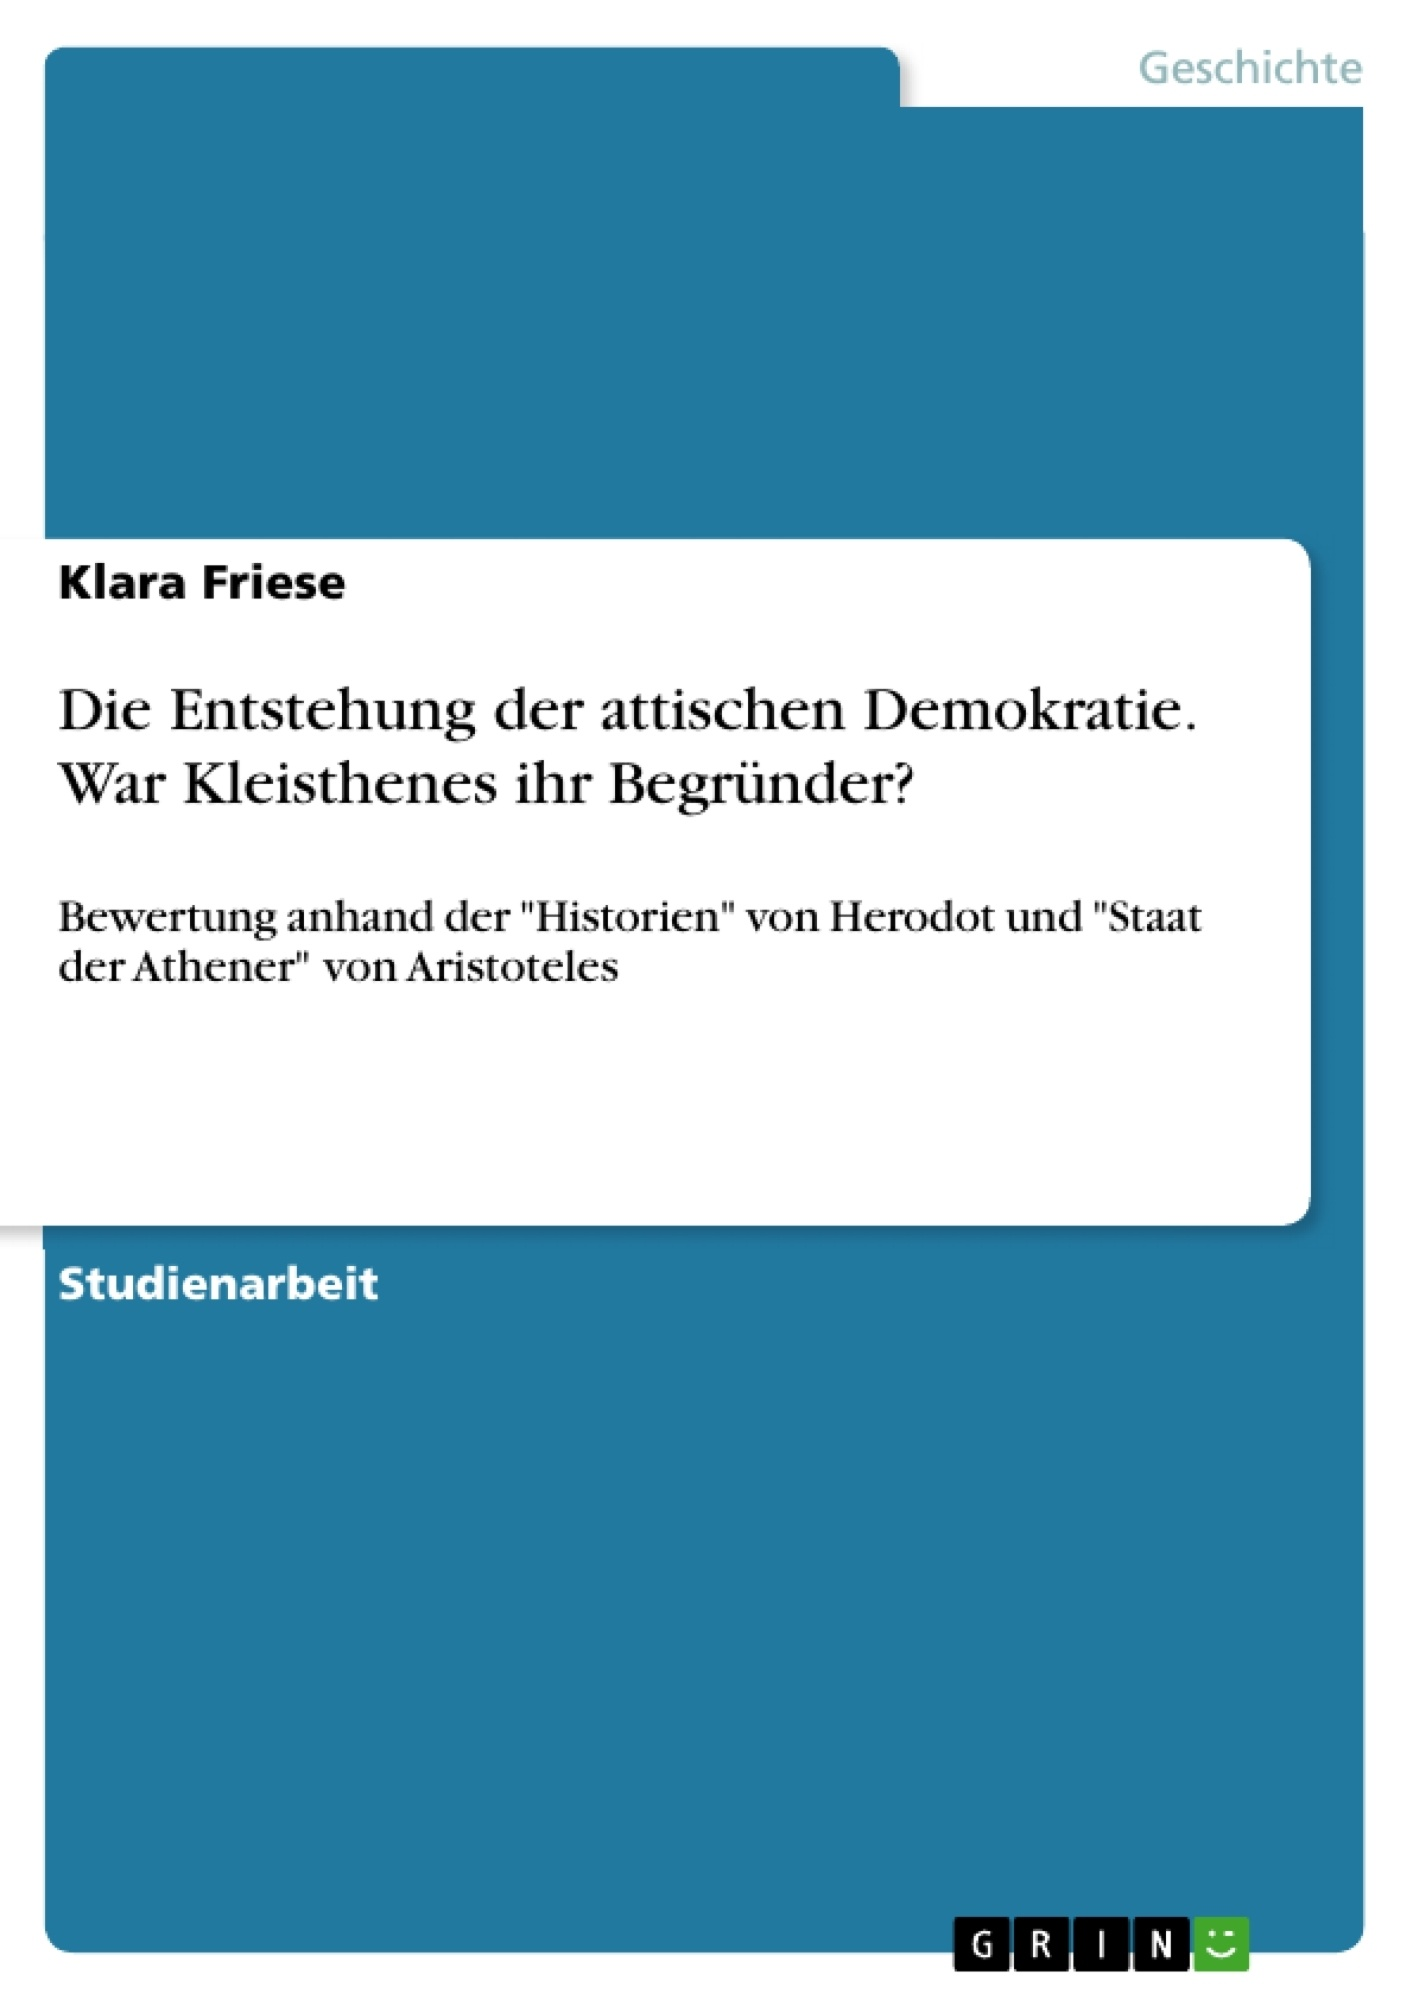 Titel: Die Entstehung der attischen Demokratie. War Kleisthenes ihr Begründer?